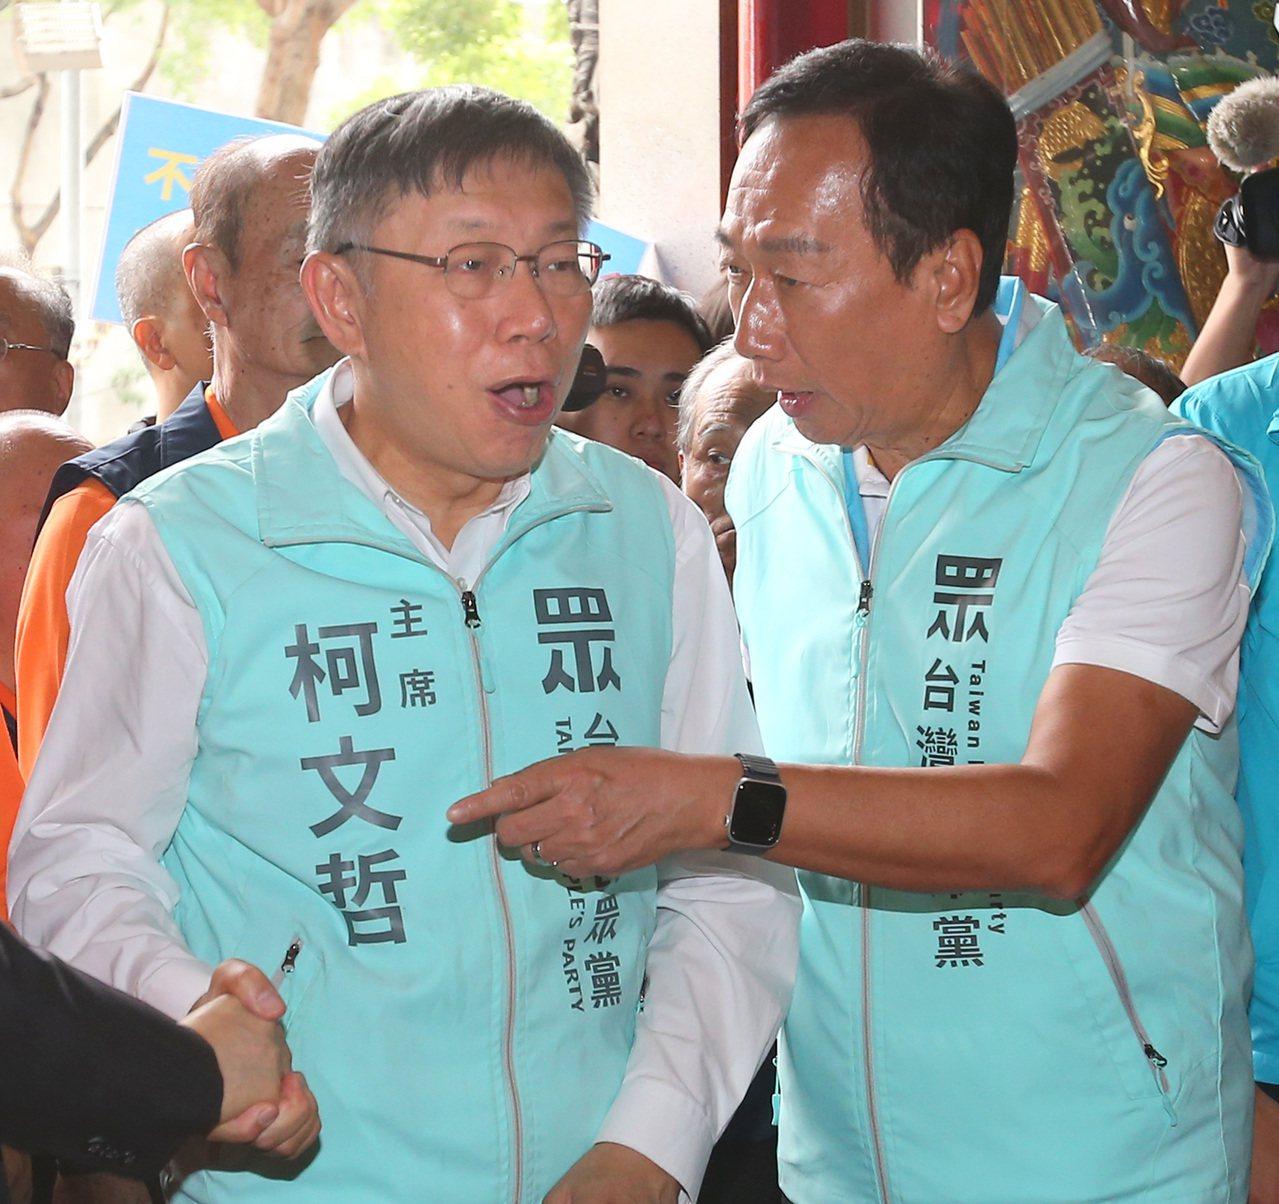 台北市長柯文哲(左)與鴻海創辦人郭台銘(右)同台,為立委候選人助選。記者林澔一/...